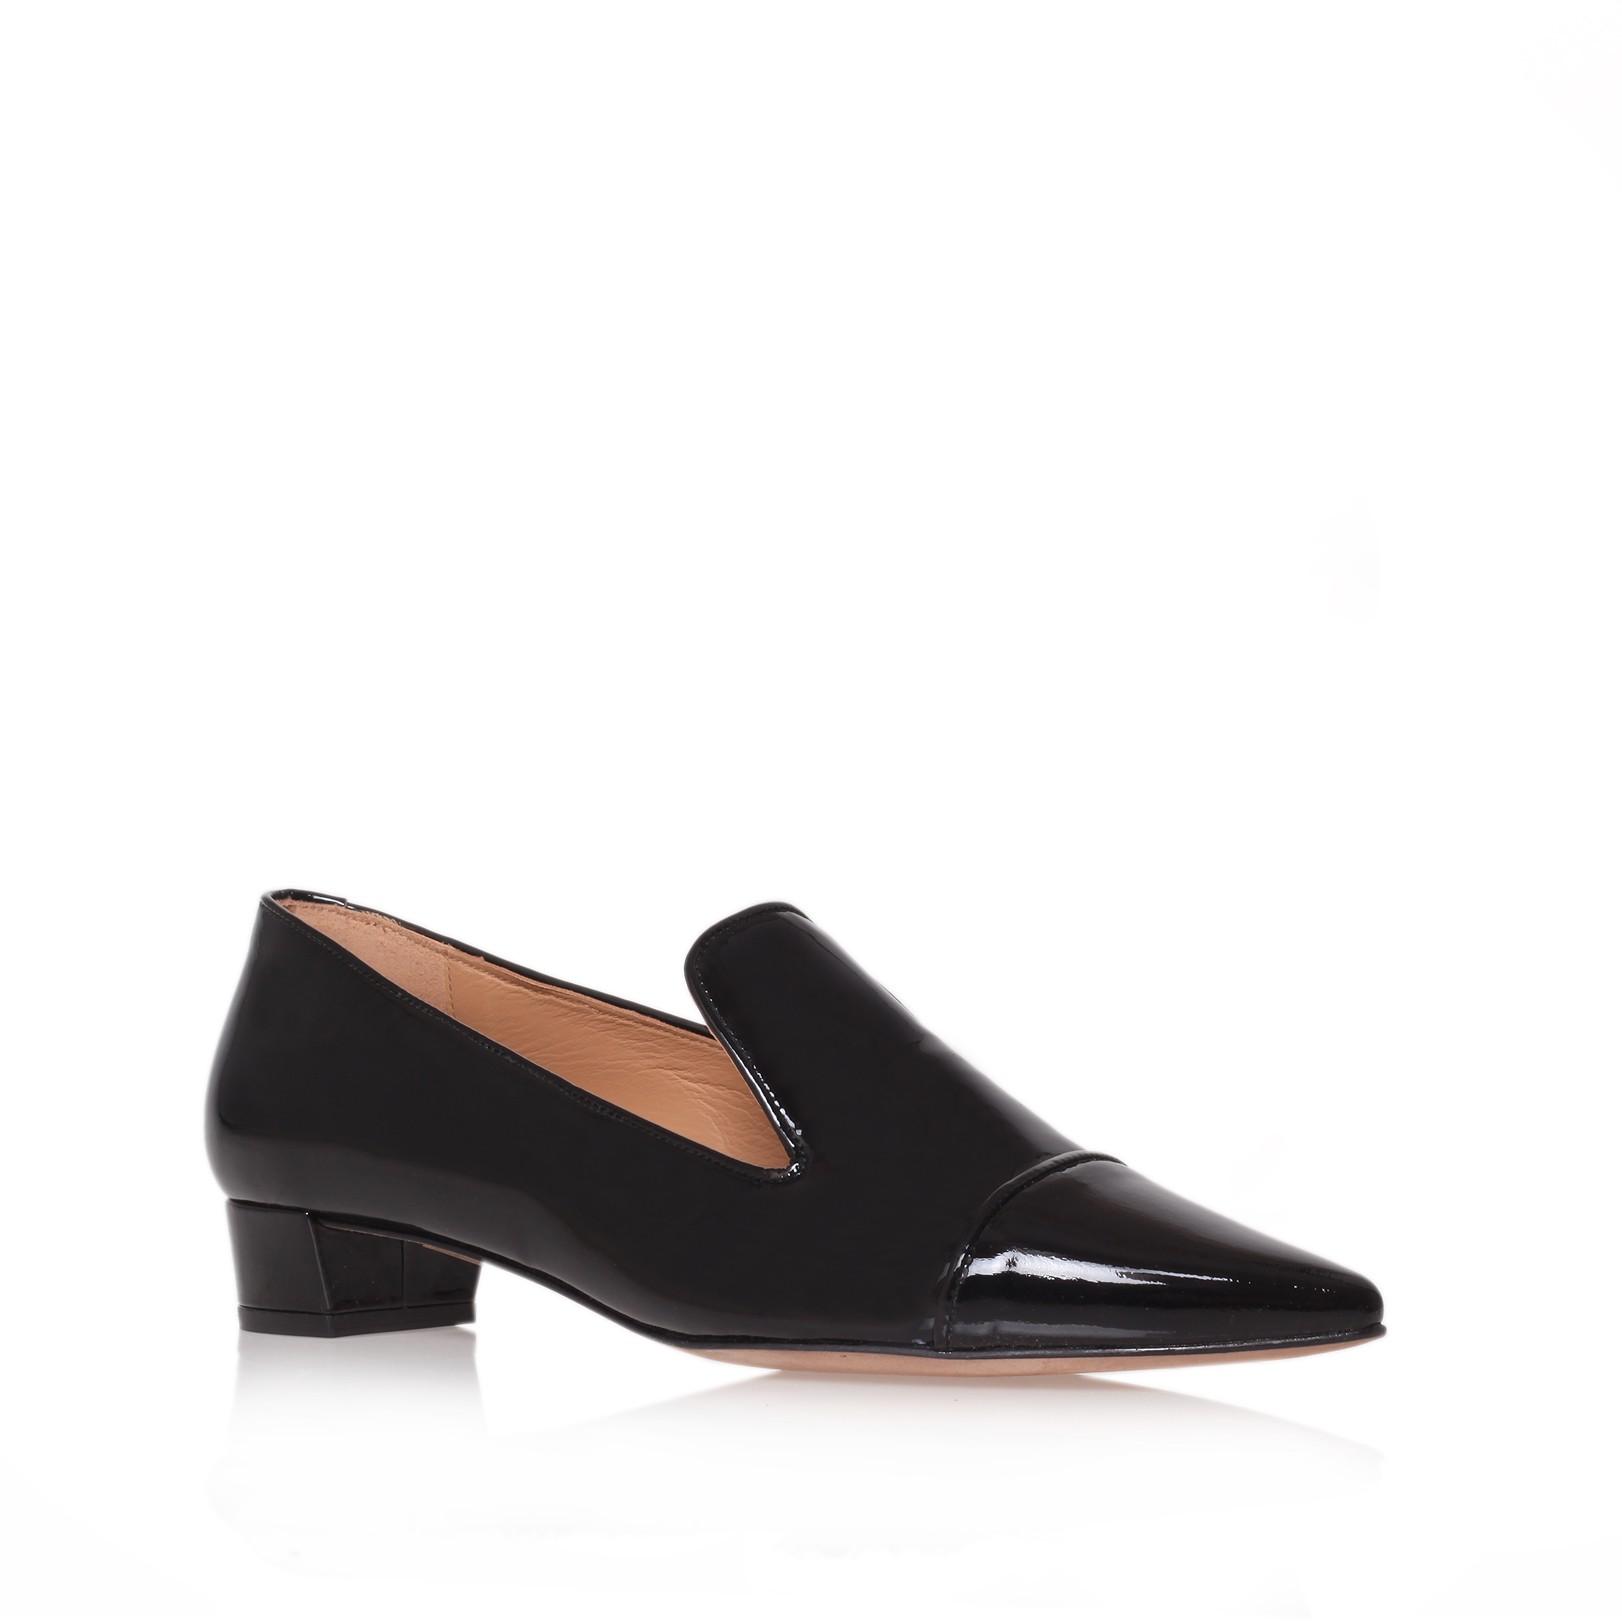 Kurt Geiger |  LILLE - Flats - Shoes - Women